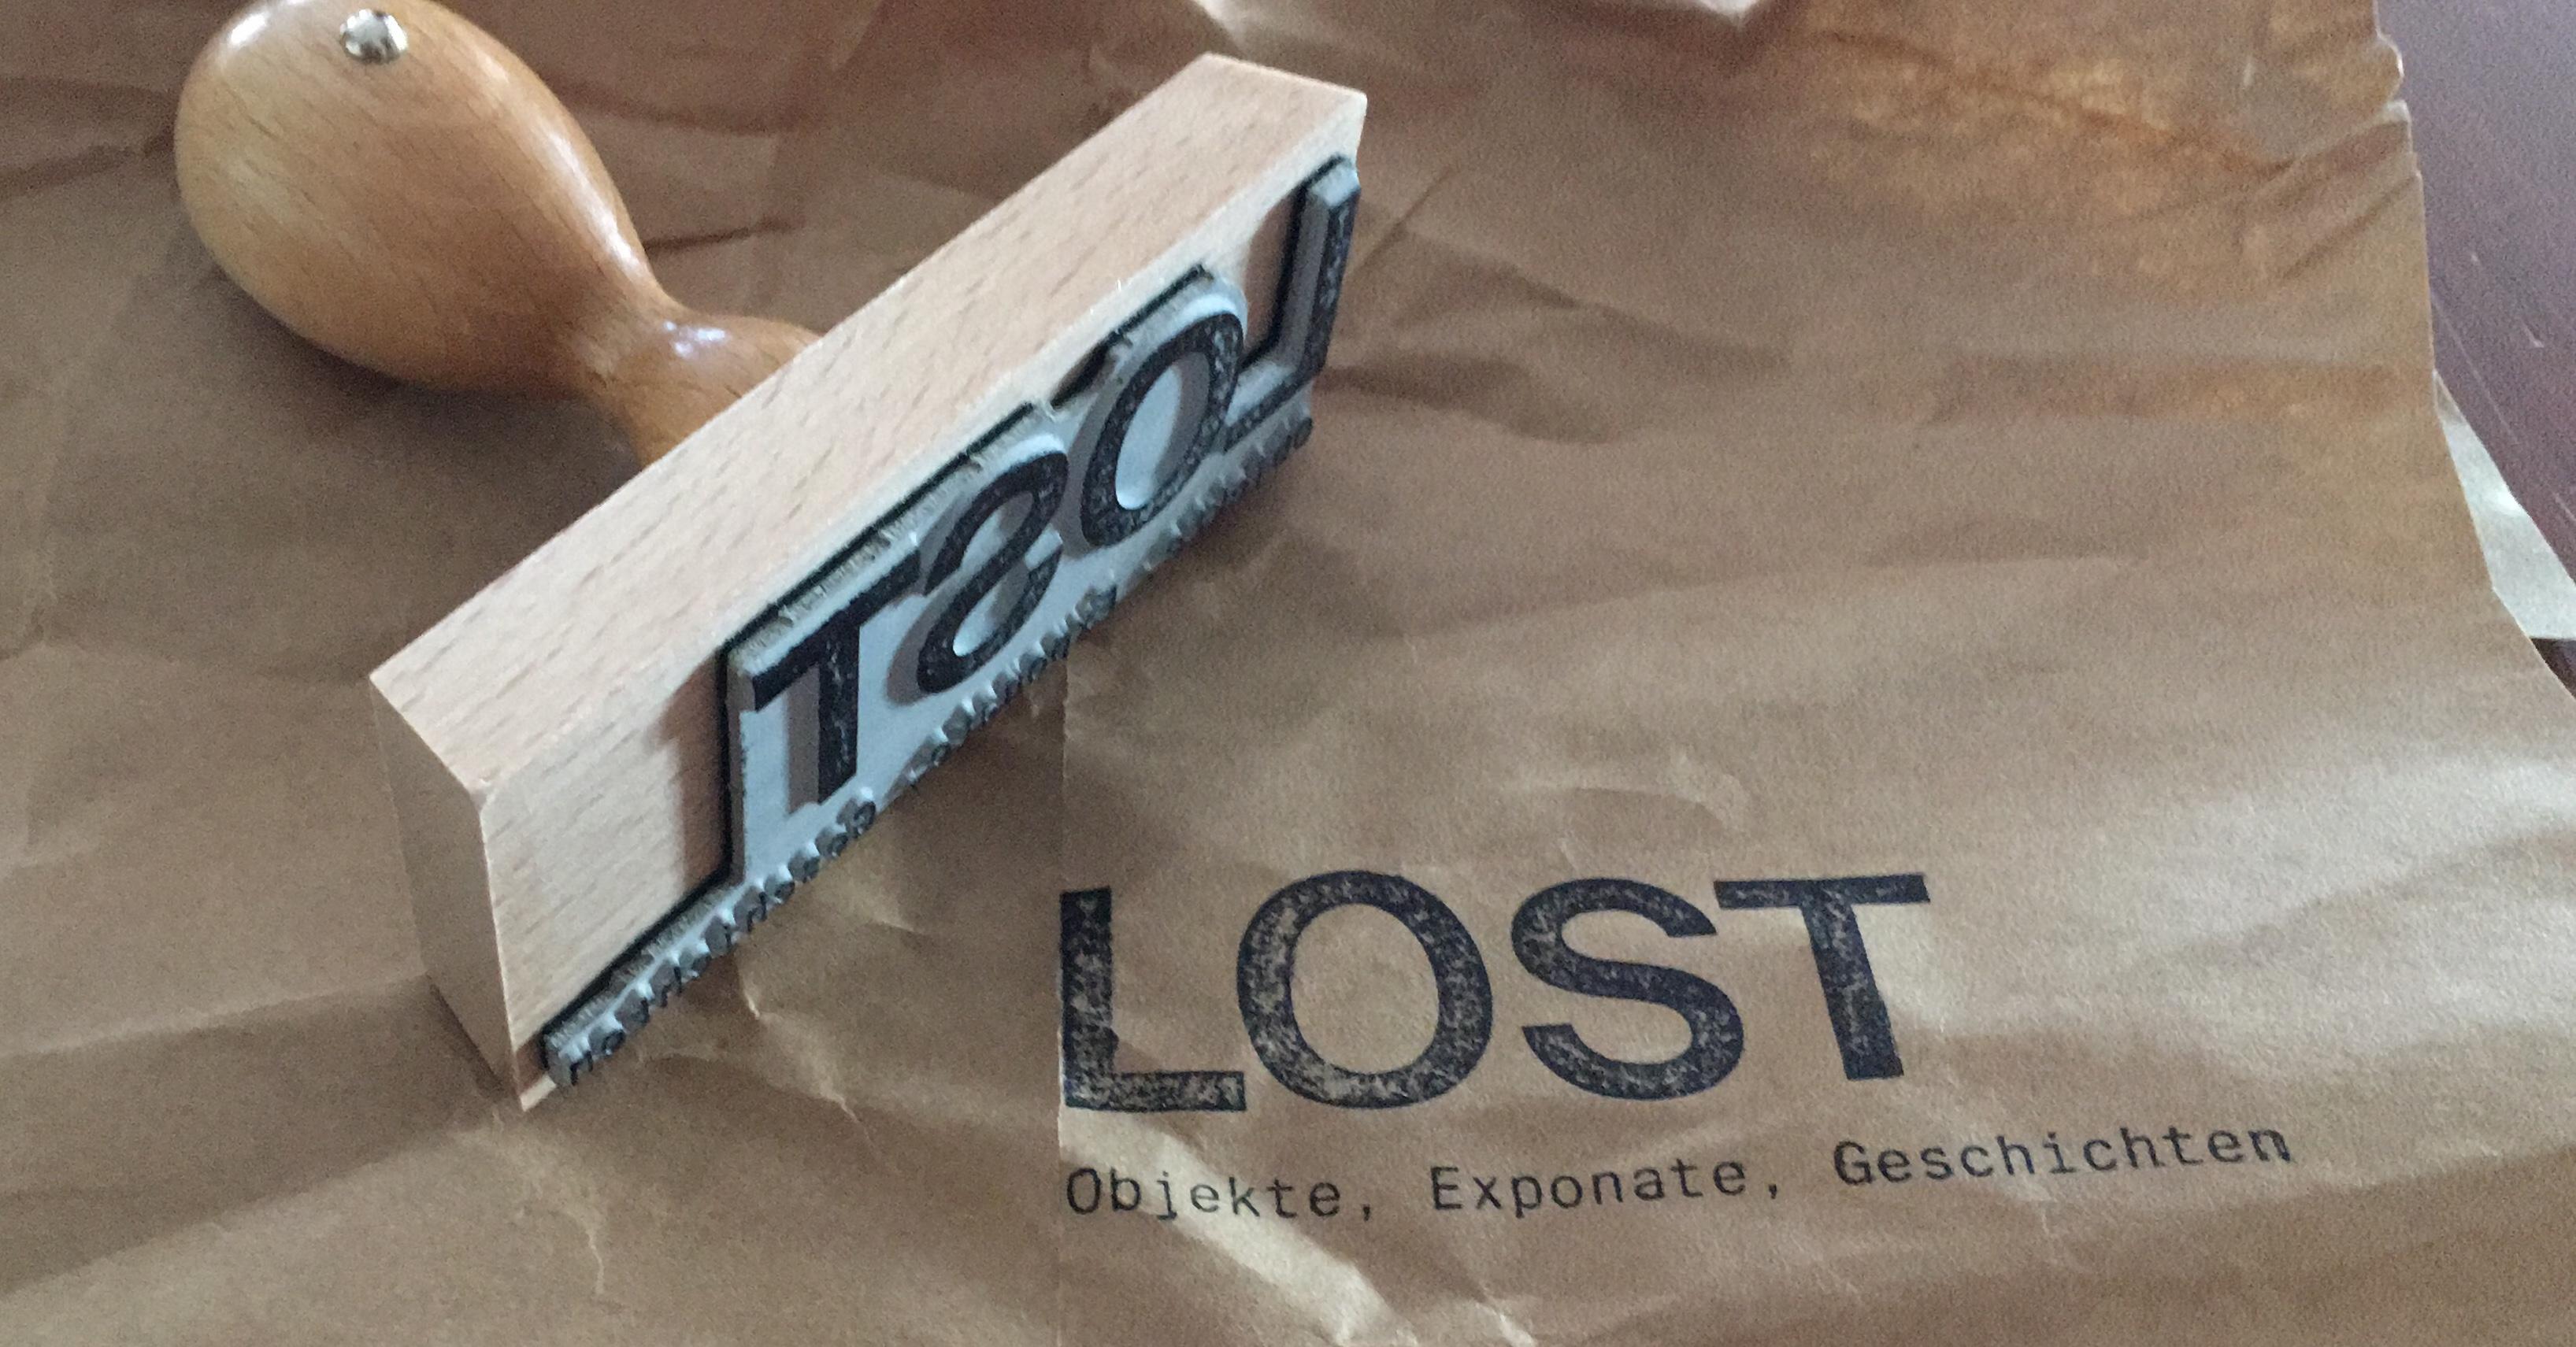 Stempel mit der Aufschrift LOST auf Packpapier